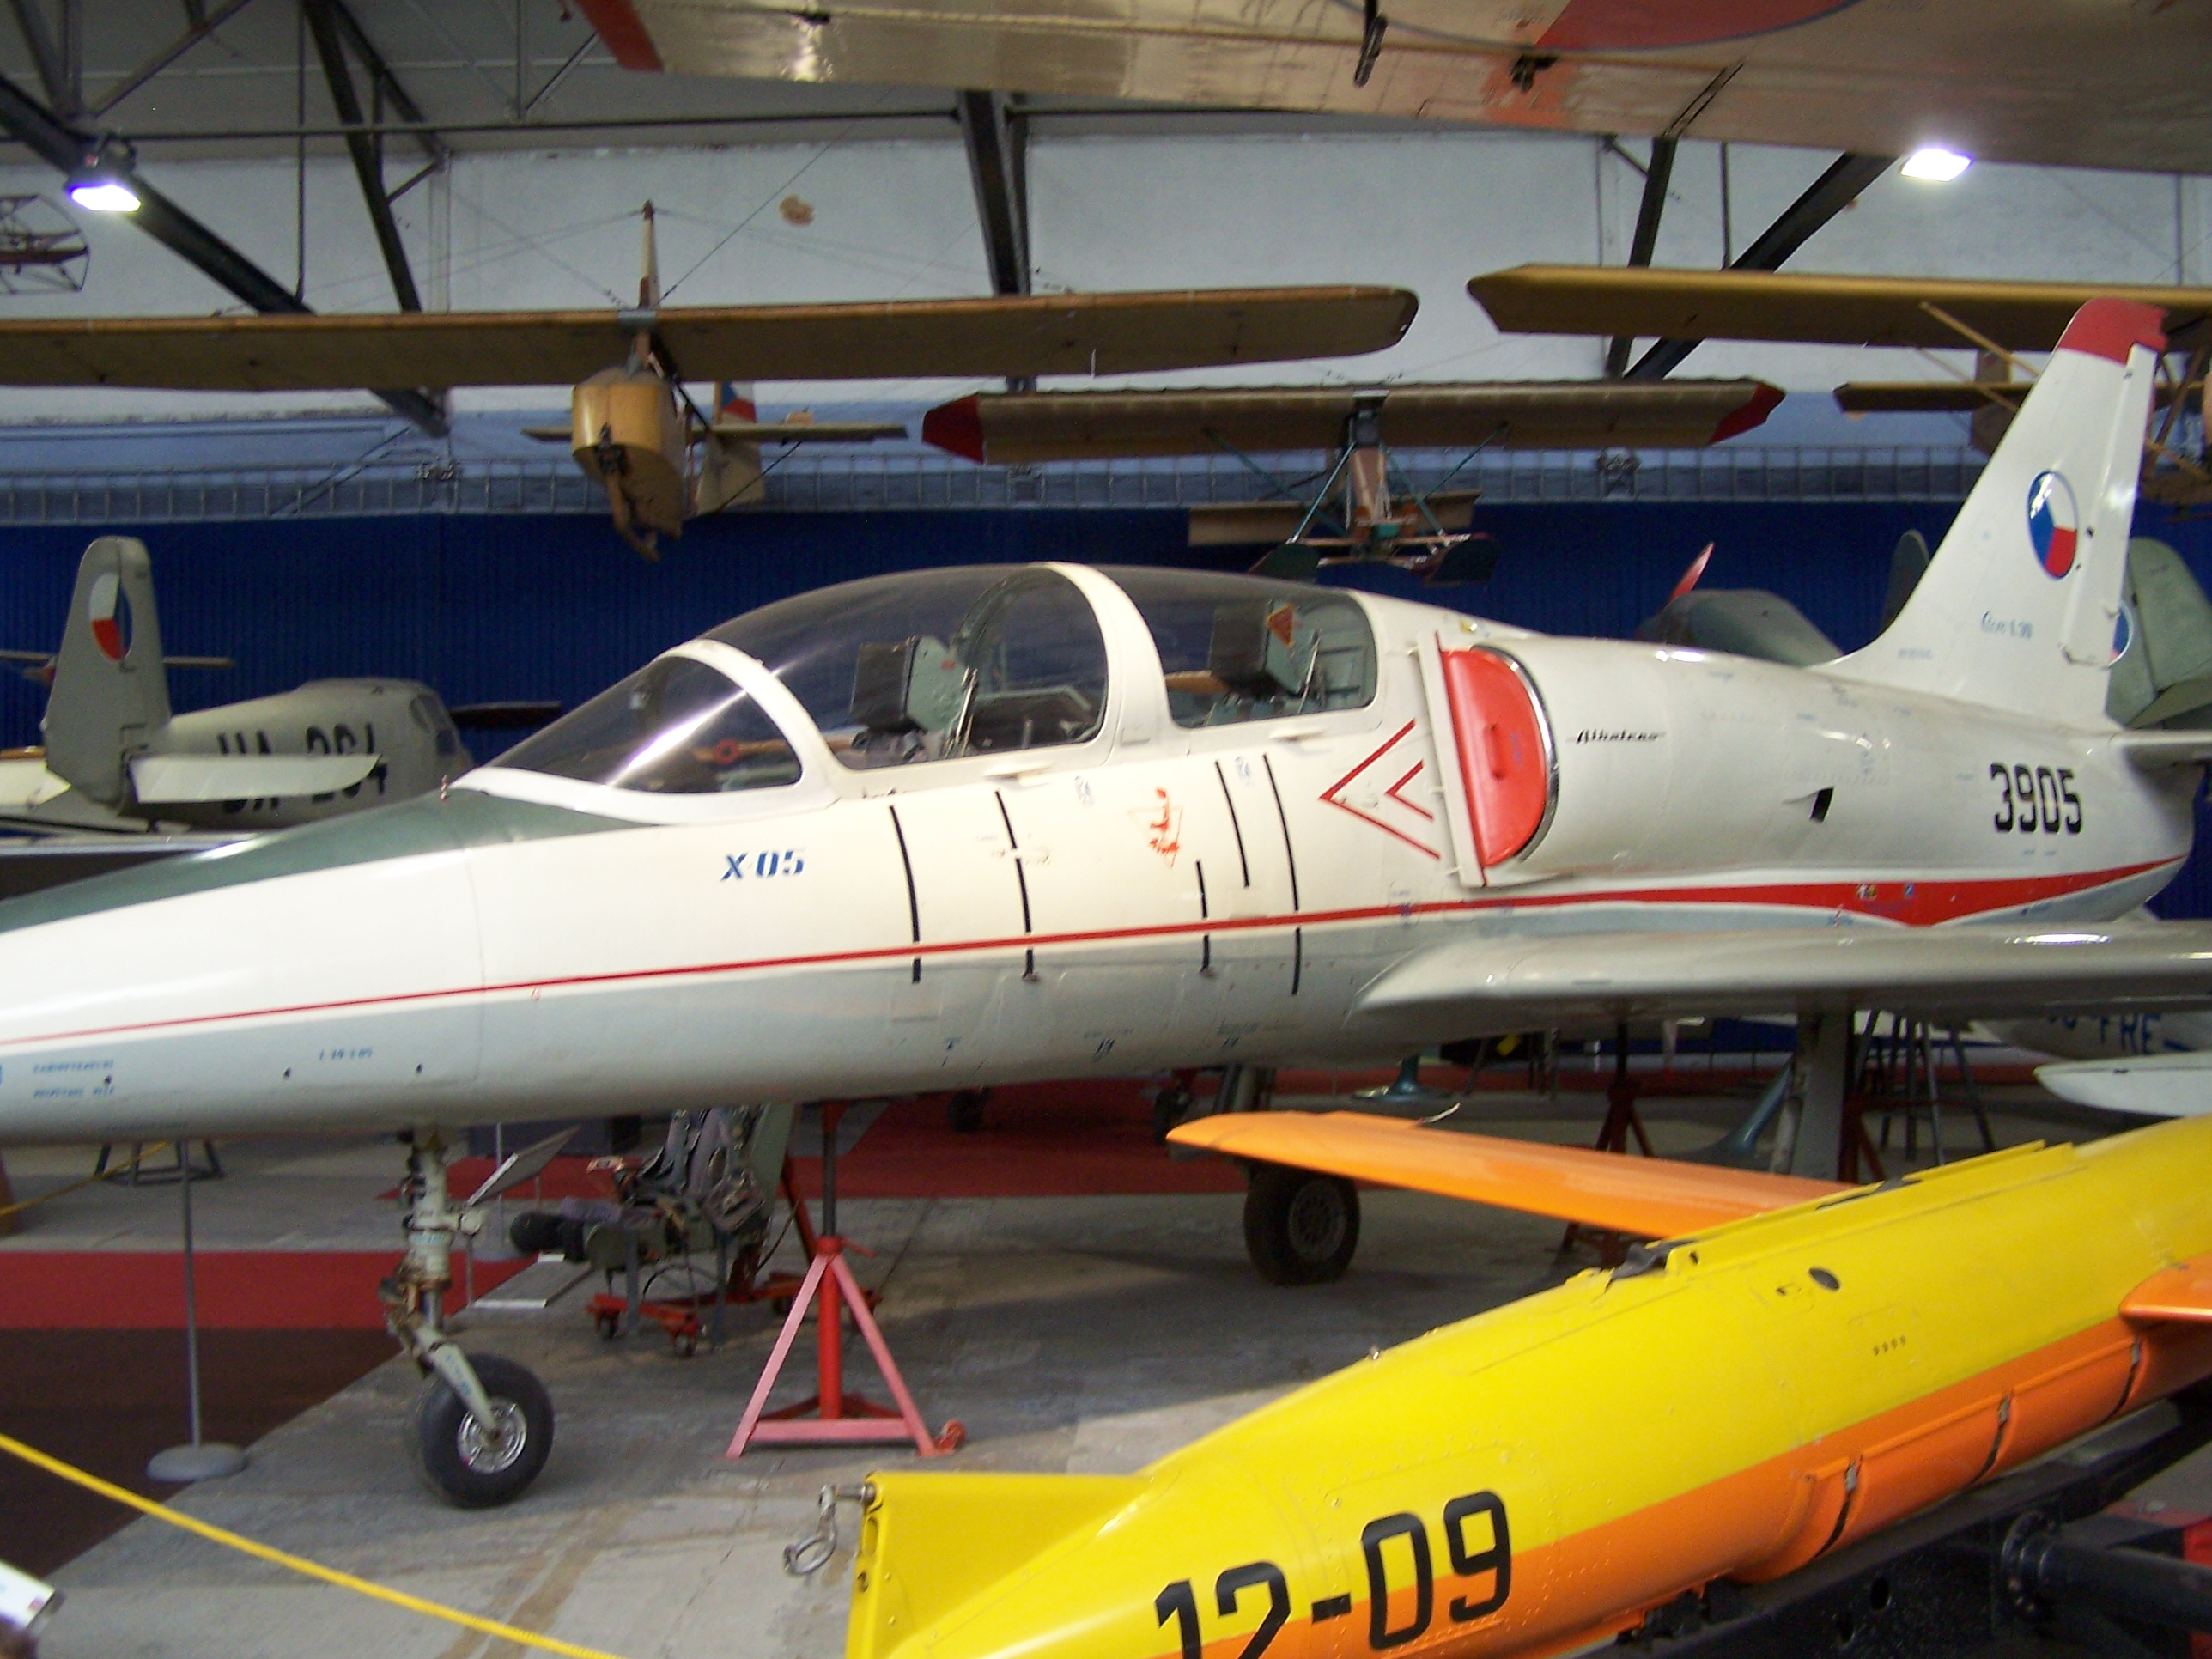 l-39m1 ukrainian air force